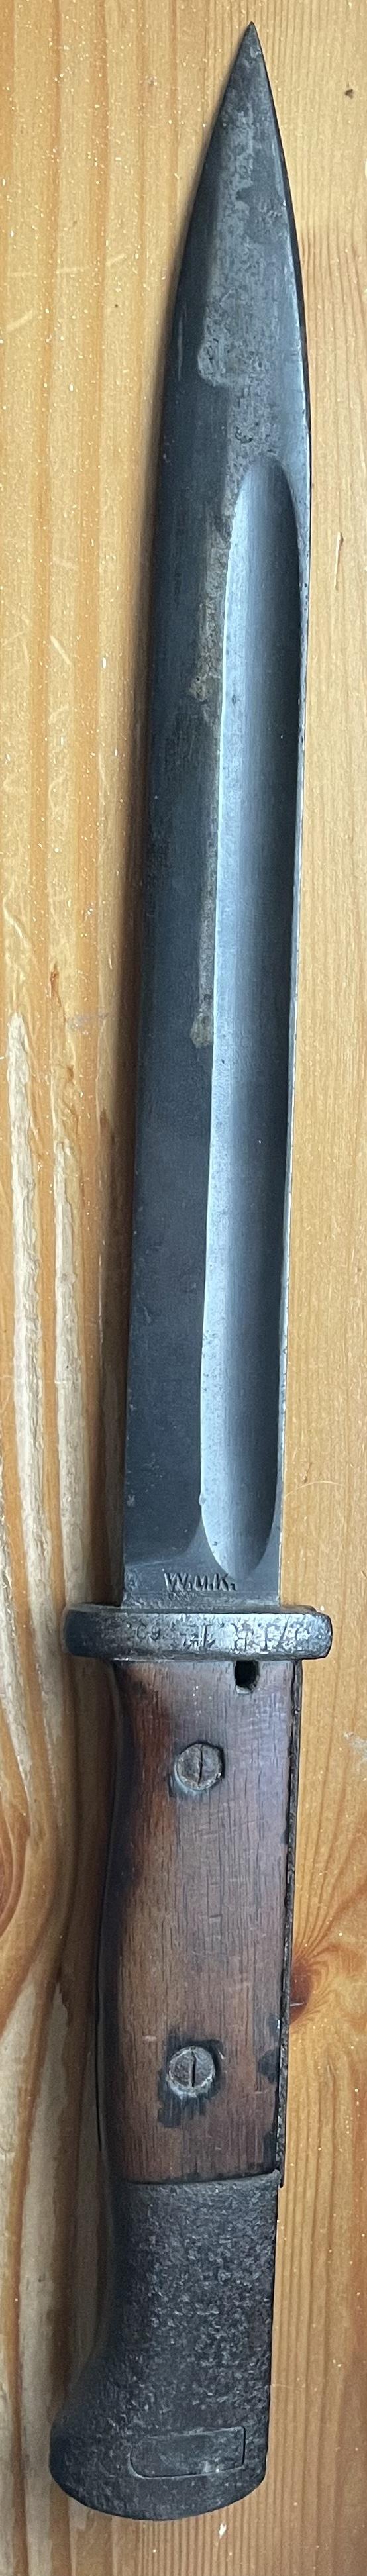 Une baïonnette 98k de 1927 2fee4c10